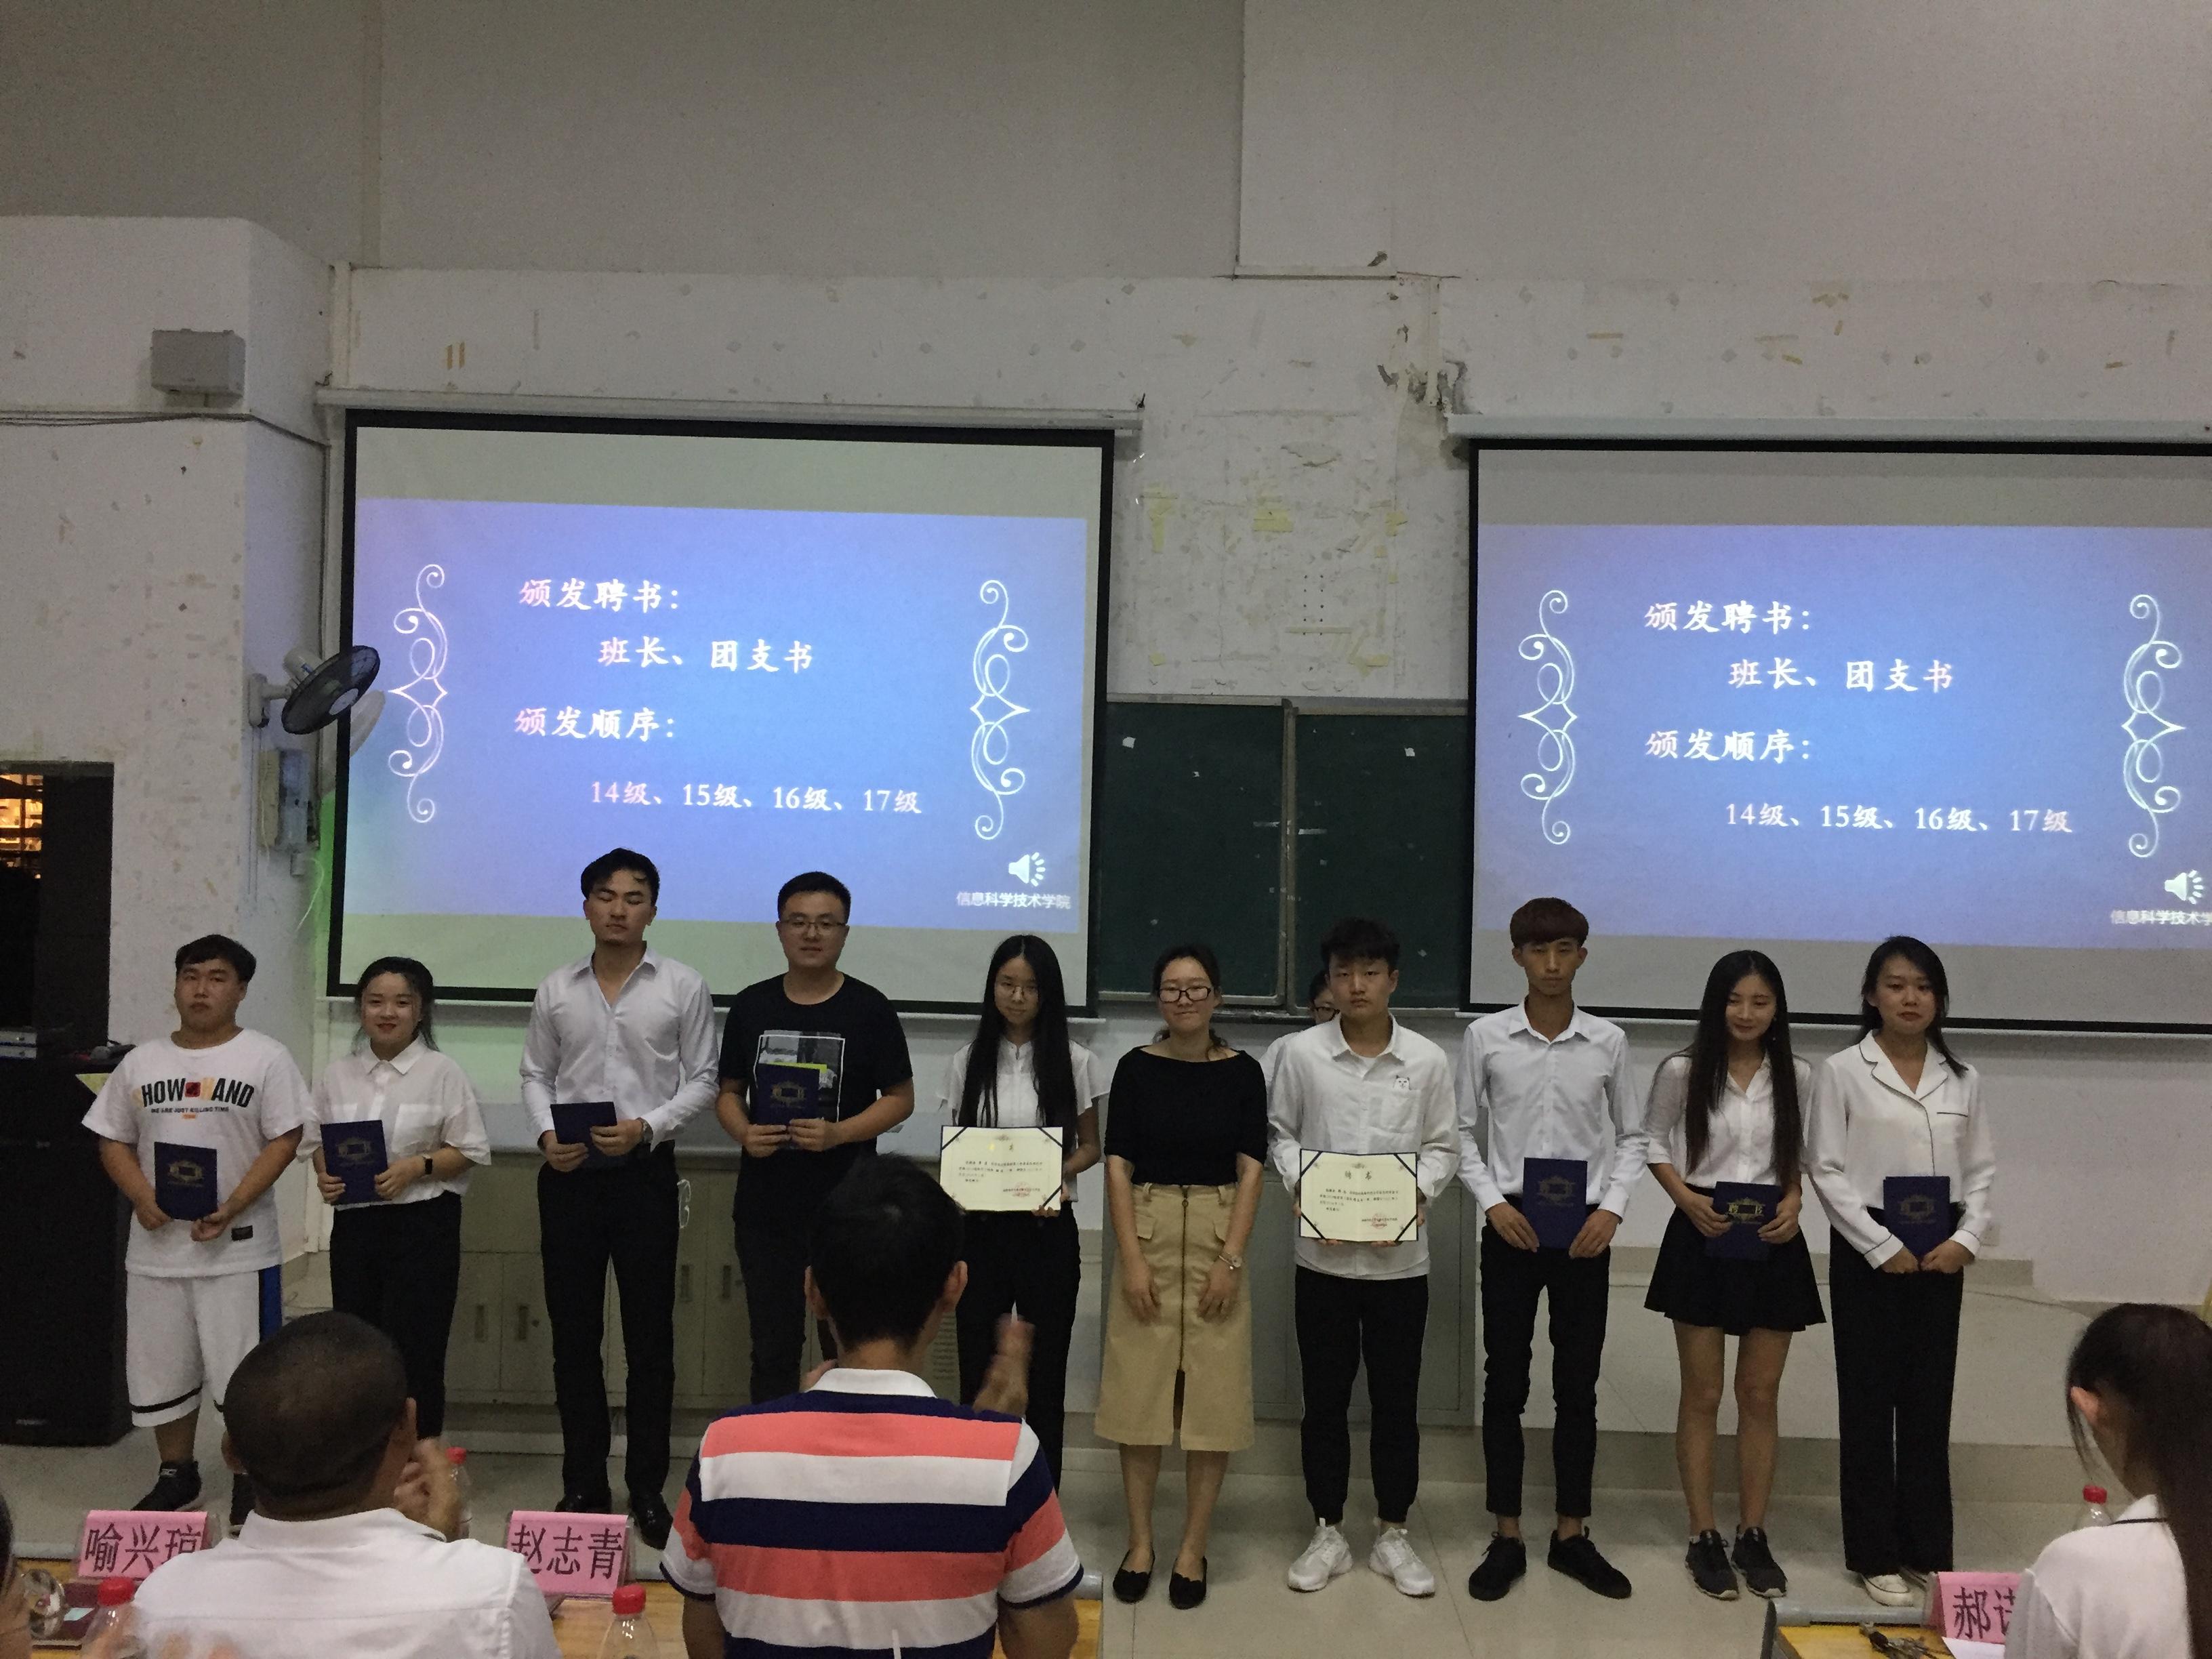 信息科学技术学院2017-2018年度学生干部受聘大会